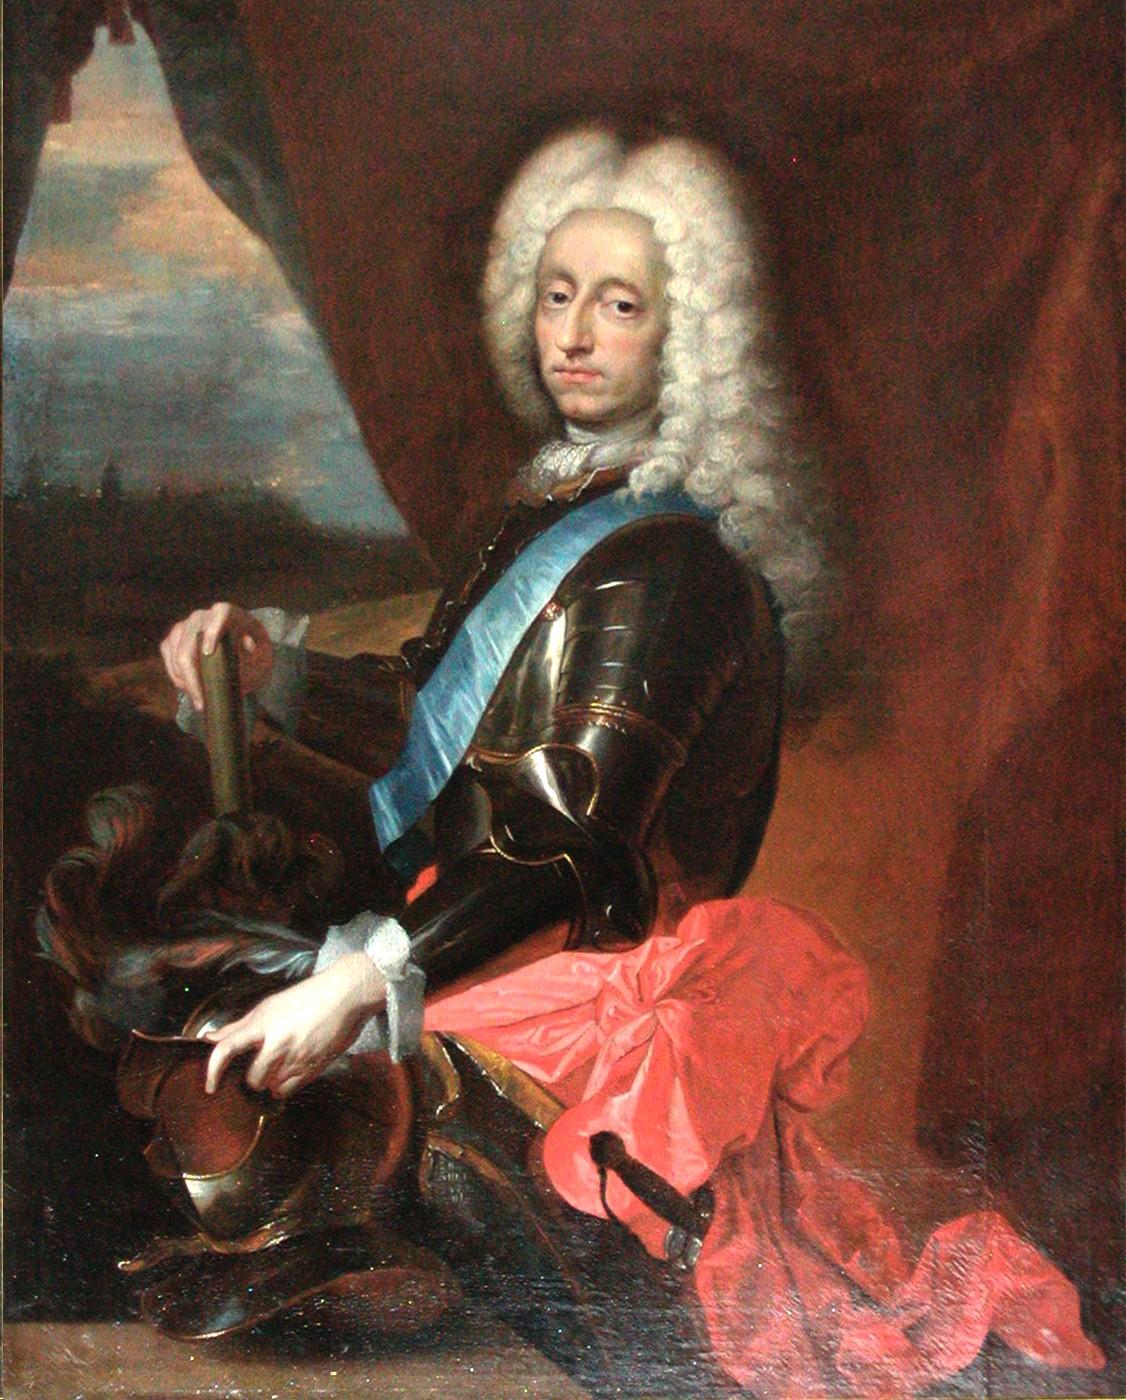 Fredrik IV av Danmark, son till Kristian V och kung från 1699. Rosalba Carriera. Det Nationalhistoriske Museum, Fredriksborgs slott.